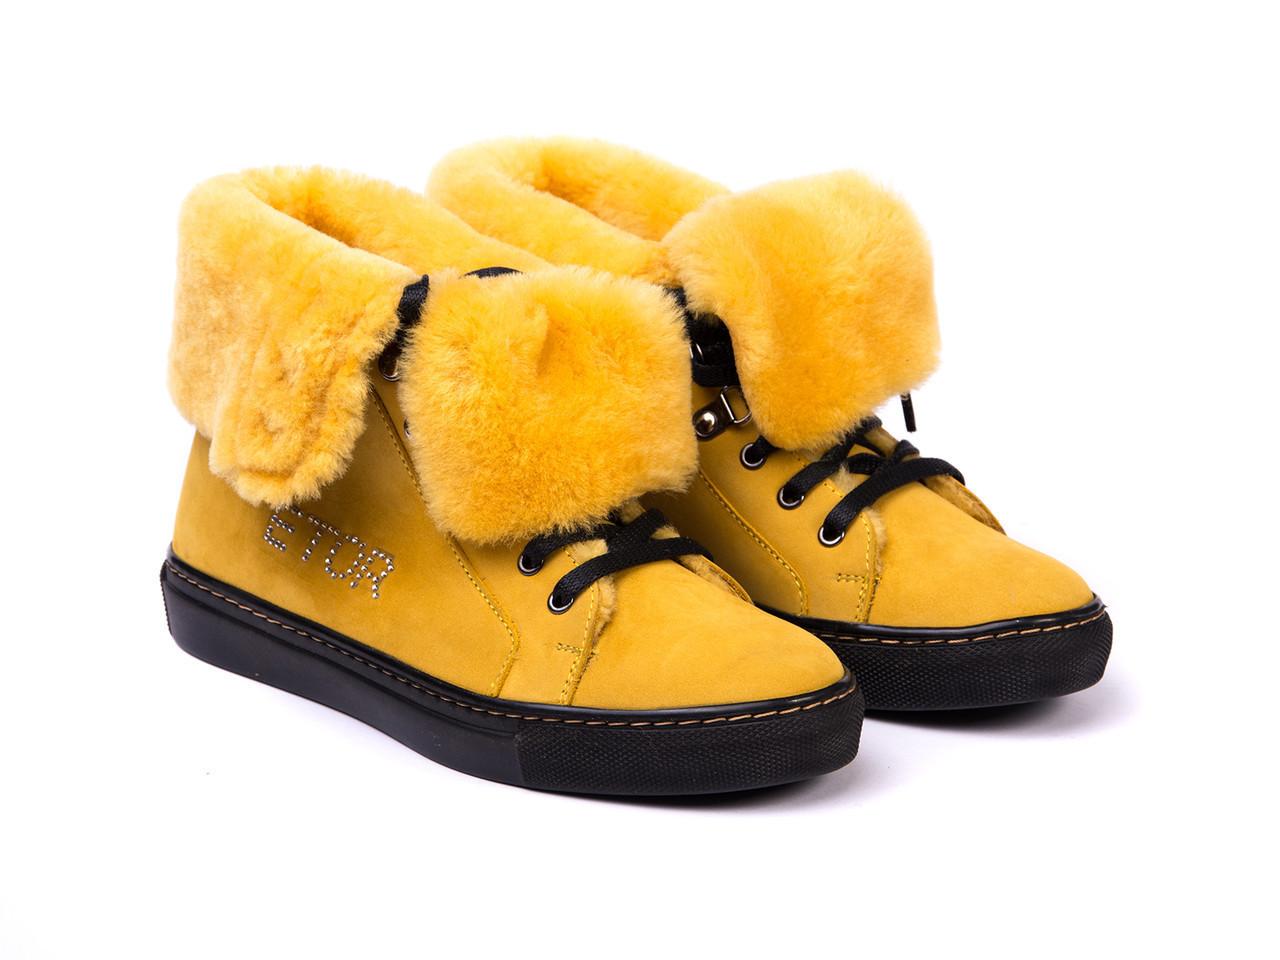 Ботинки Etor 4690-7165-709 38 желтые